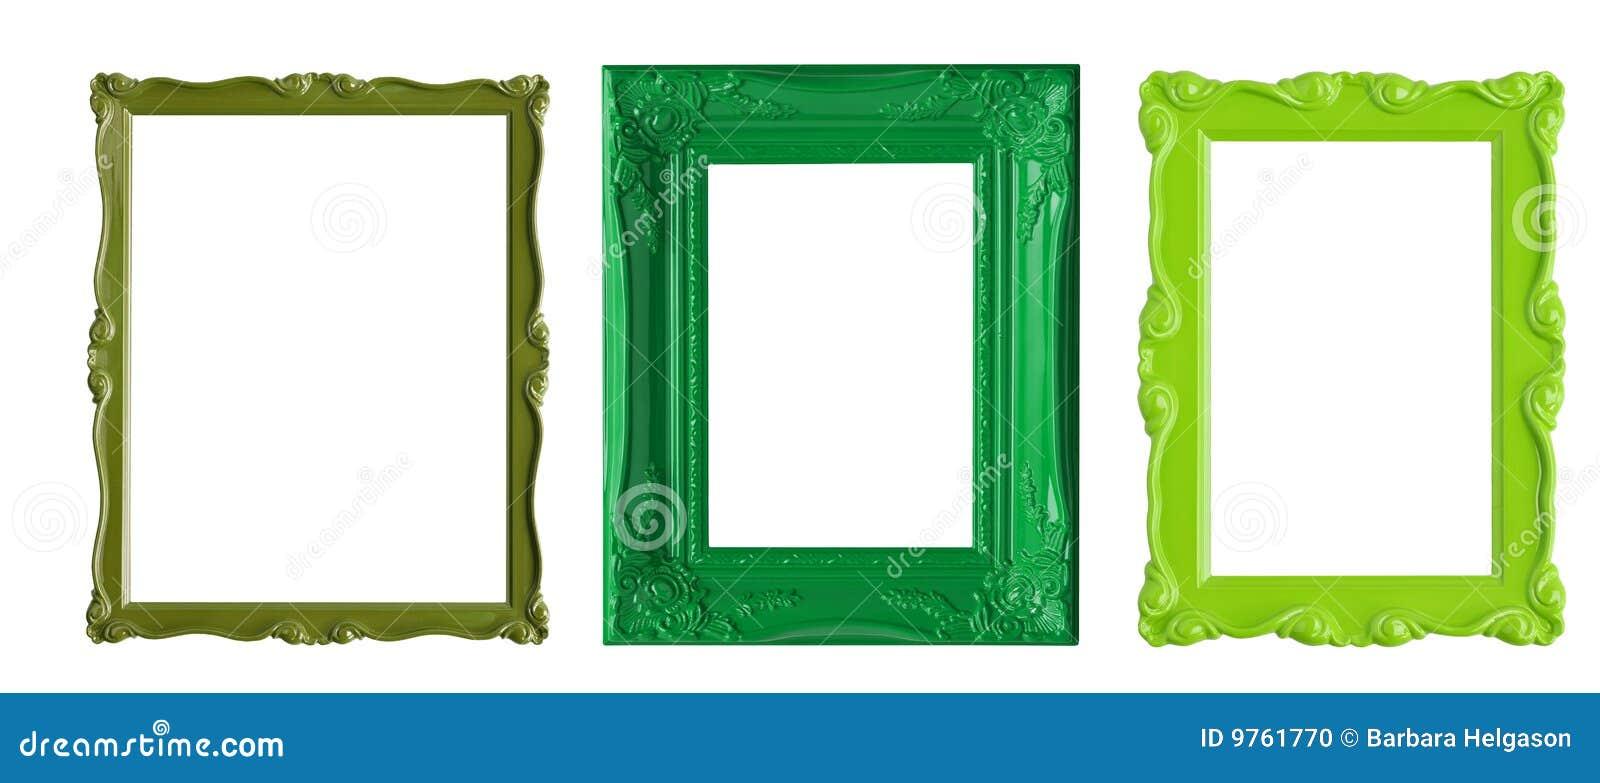 Marcos verdes stock de ilustración. Ilustración de moderno - 9761770